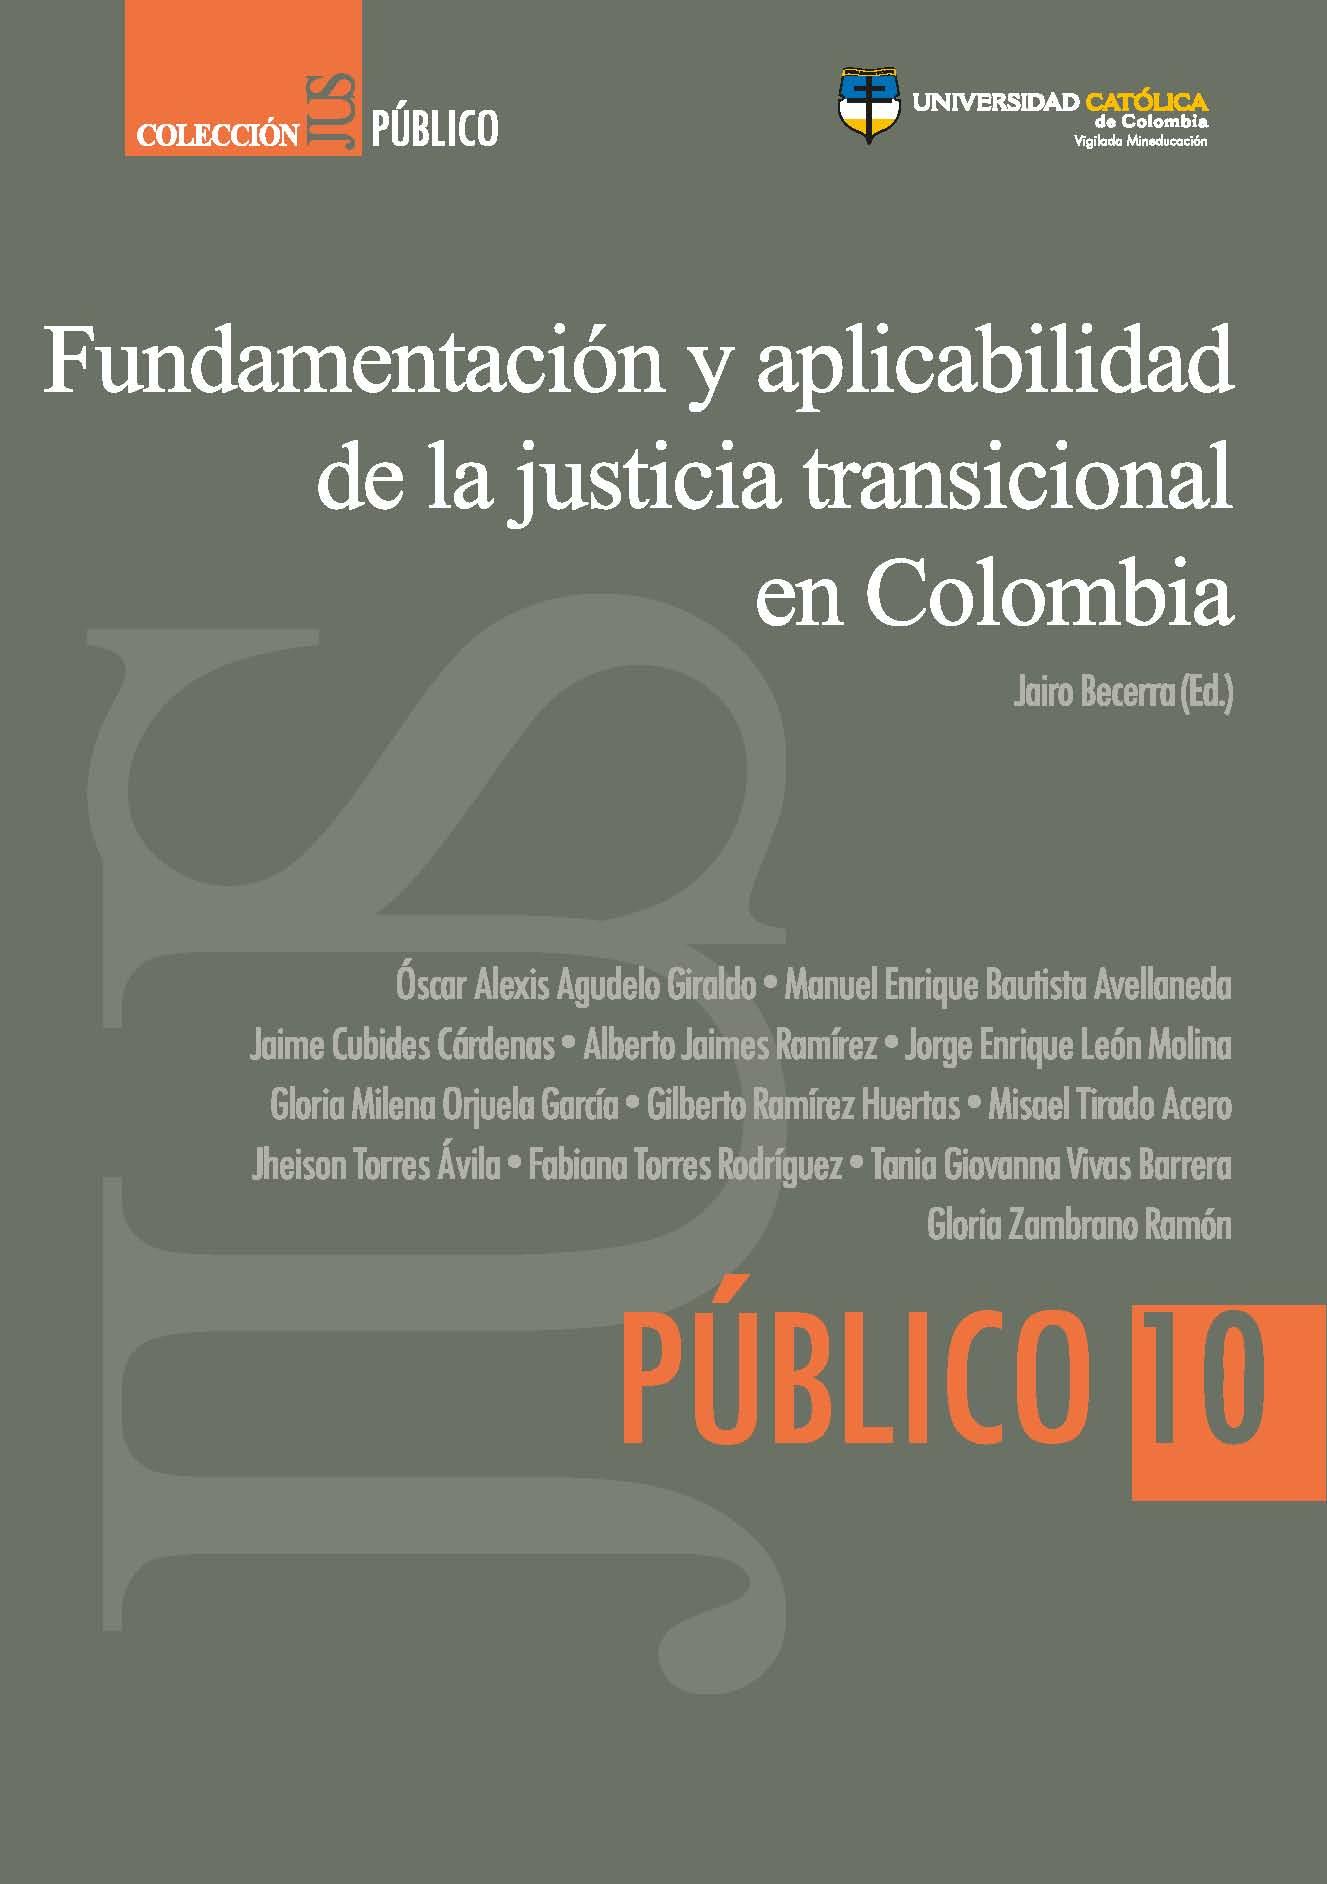 Fundamentación y aplicabilidad de la justicia transicional en Colombia